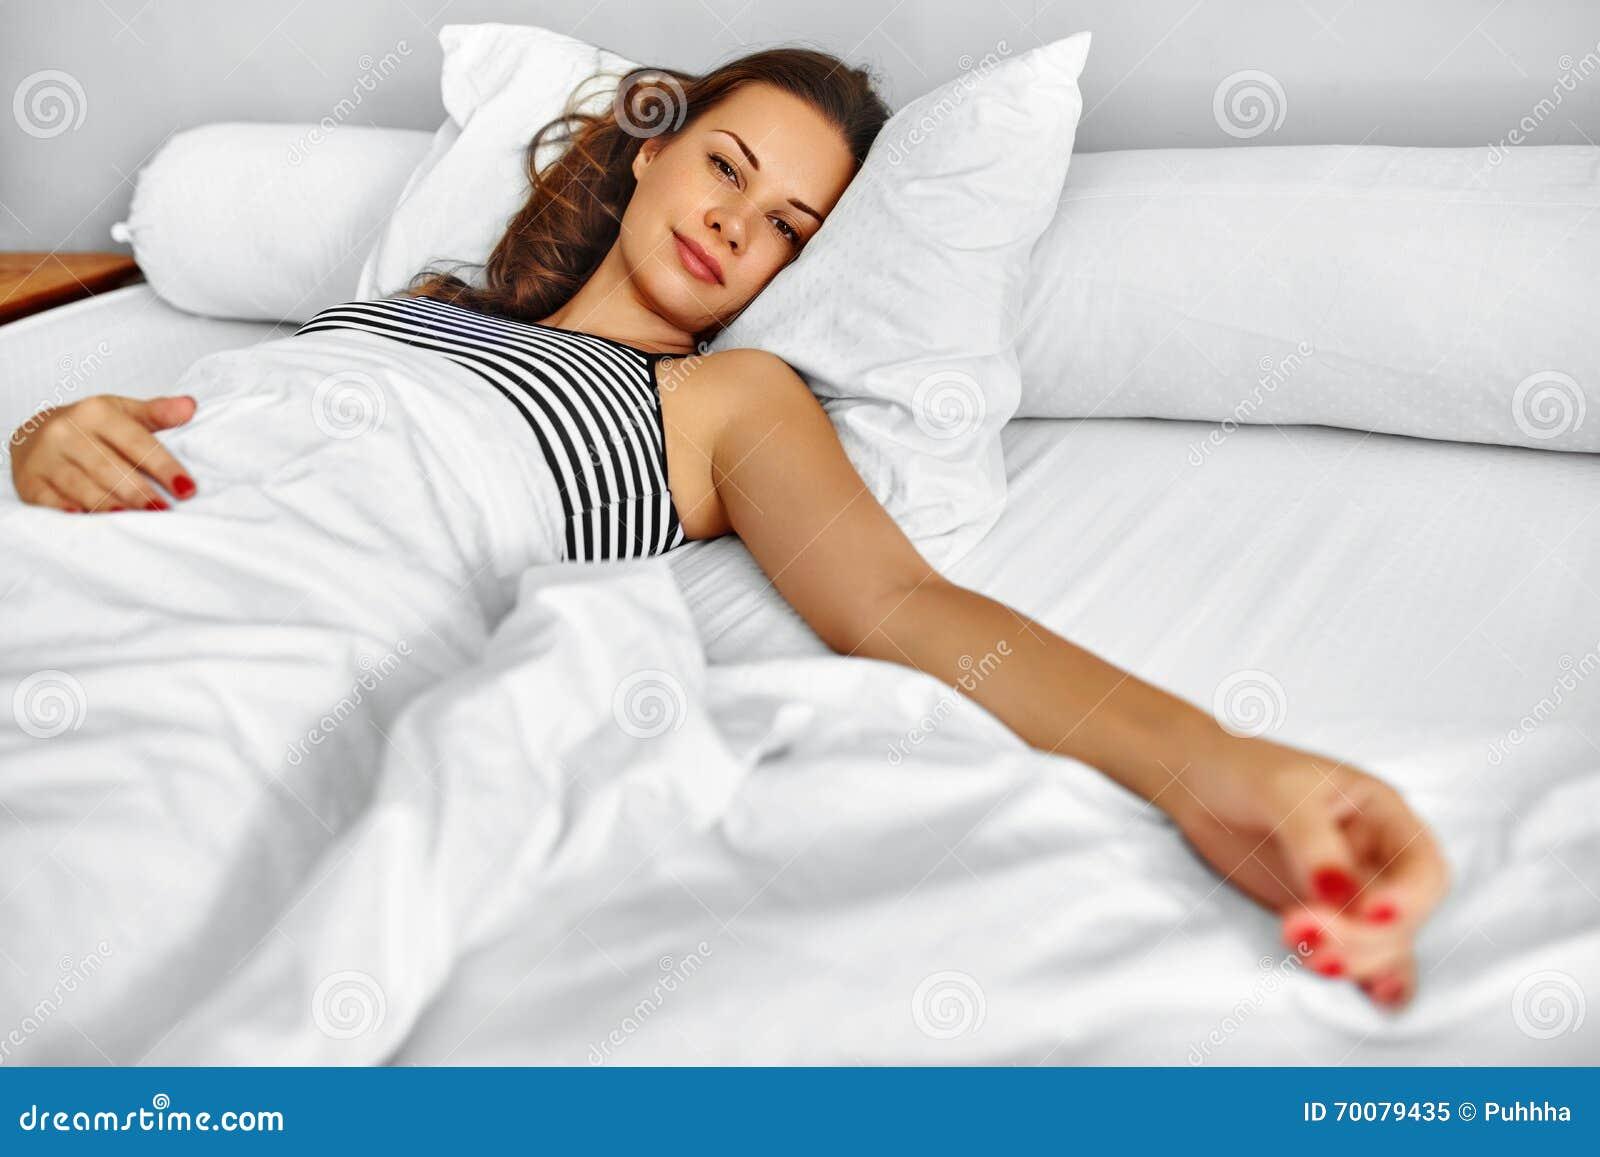 Wake Up Beautiful Spa